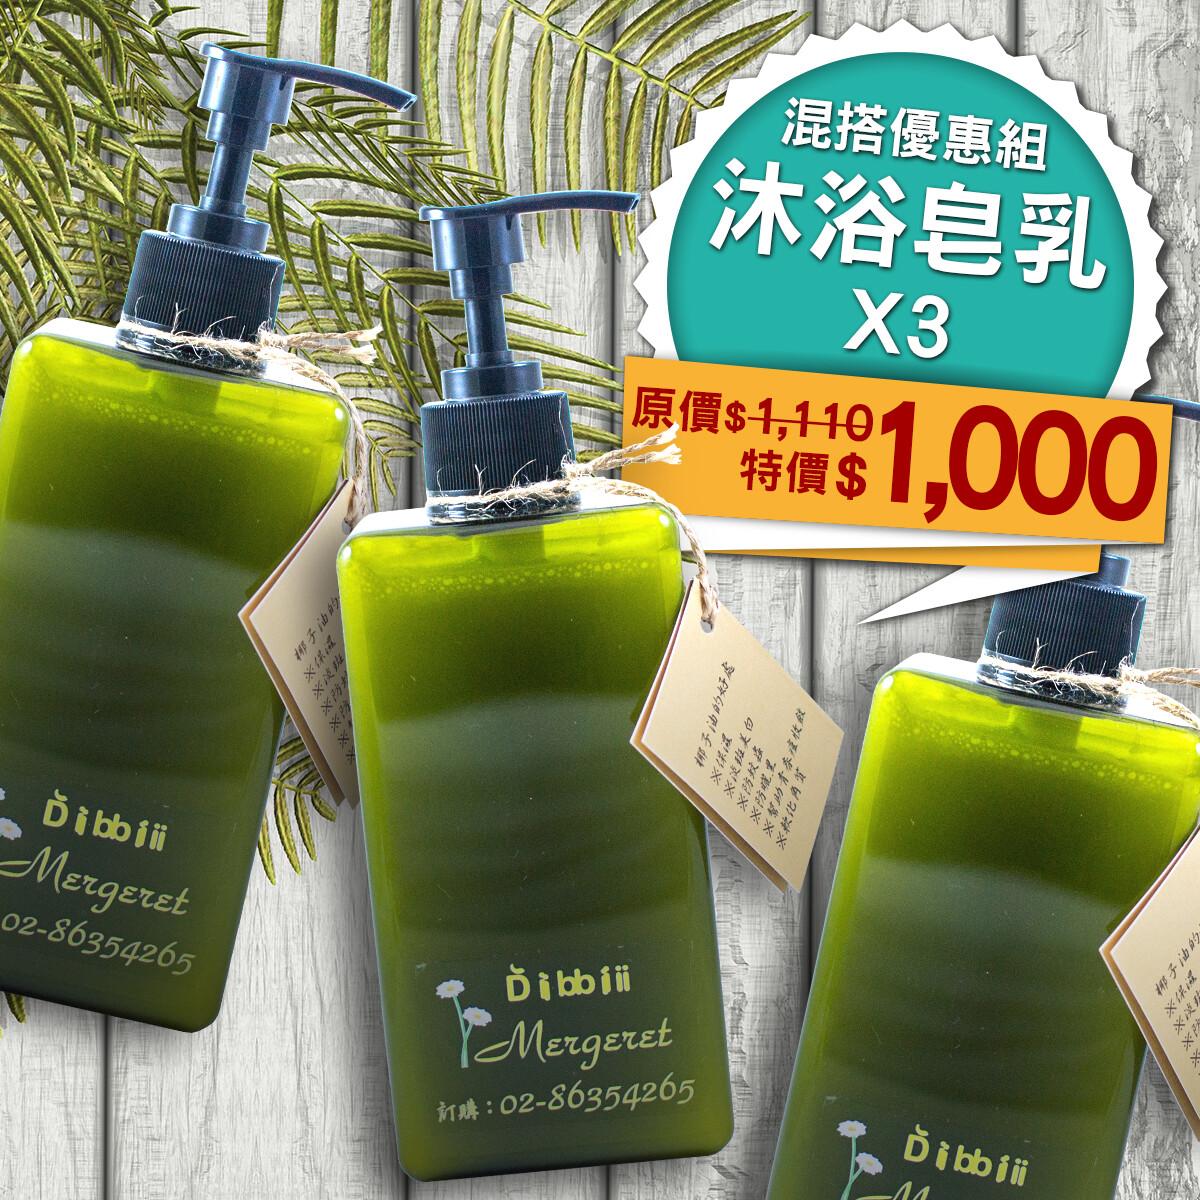 Diibbiiii椰子油美膚皂乳 - 混搭組合:沐浴皂乳x3(500ml) - 活動特惠$1080